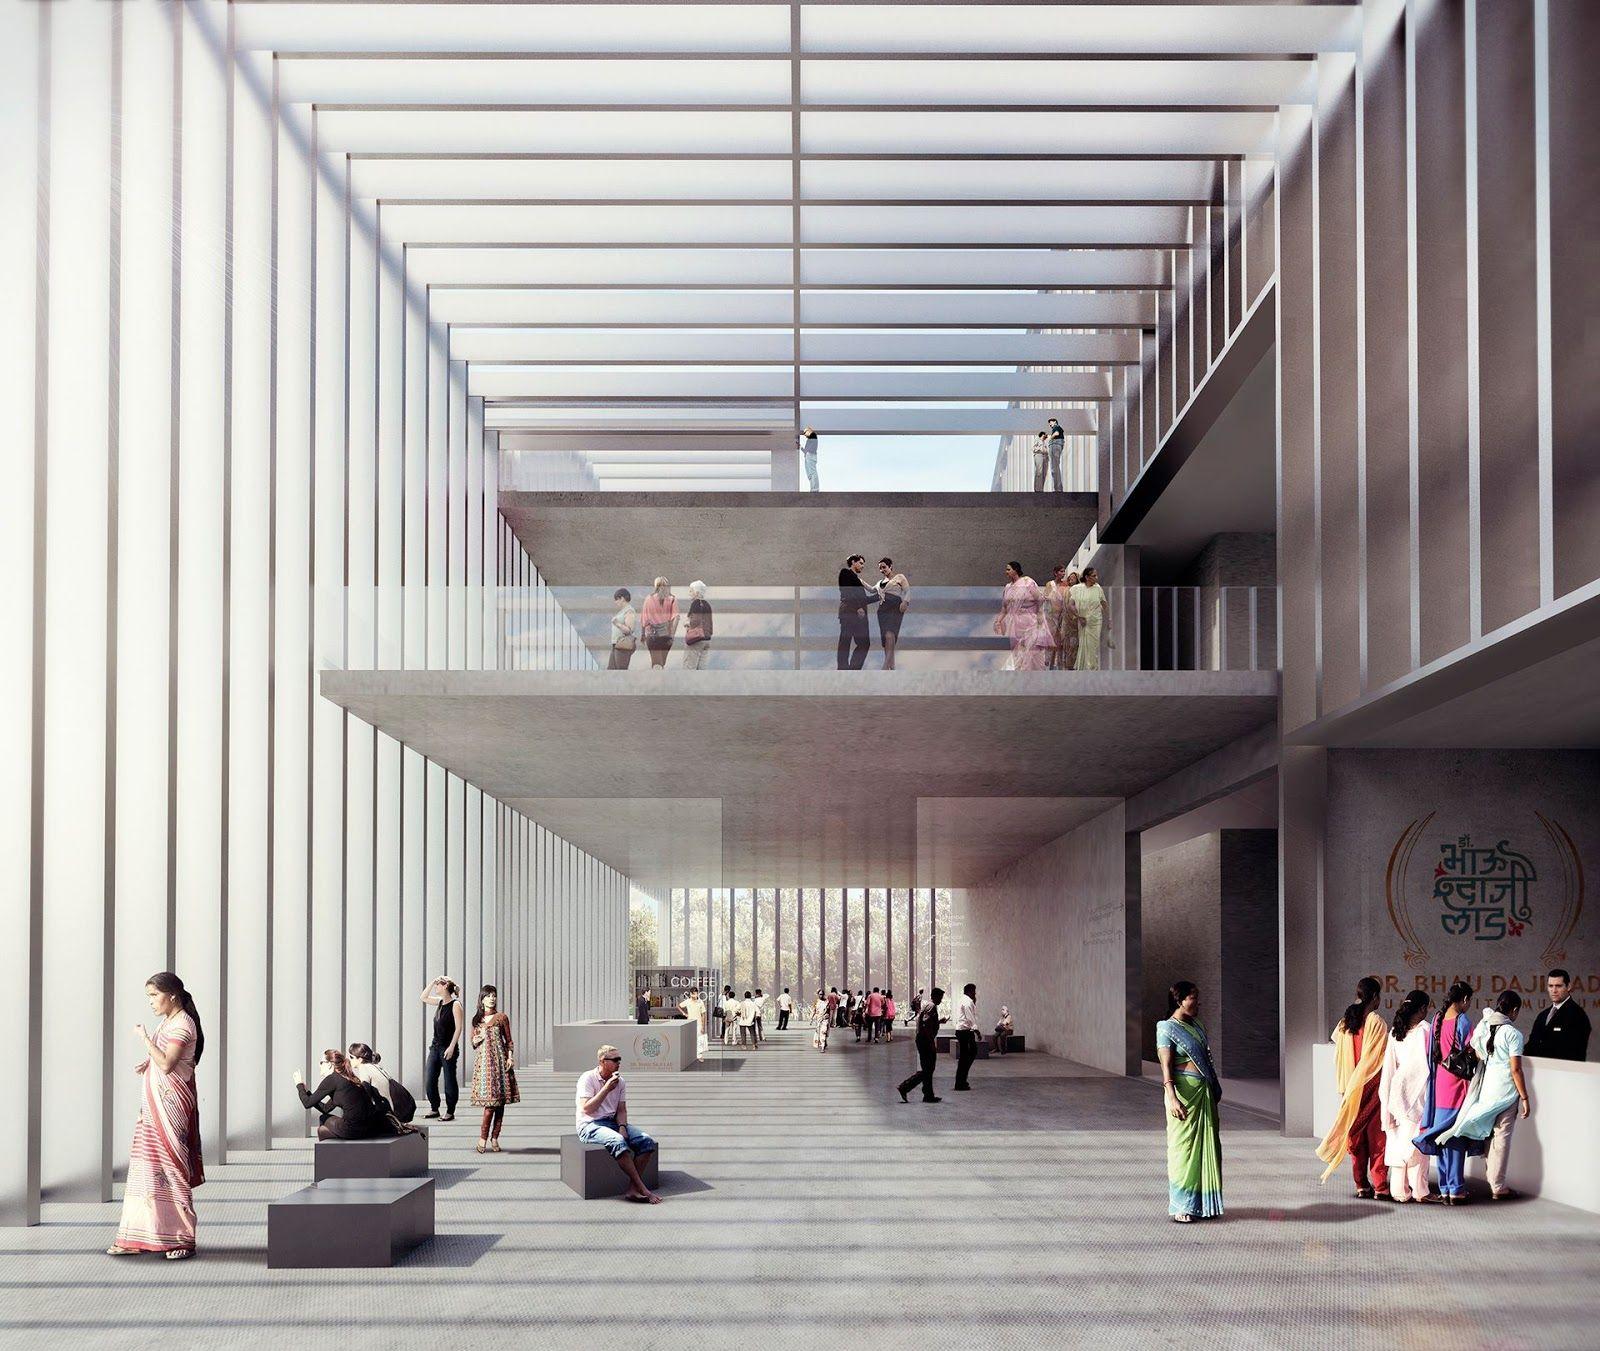 TNT headquarters Hoofddorp Paul de Ruiter ENERGY POSITIVE Architecture Pinterest